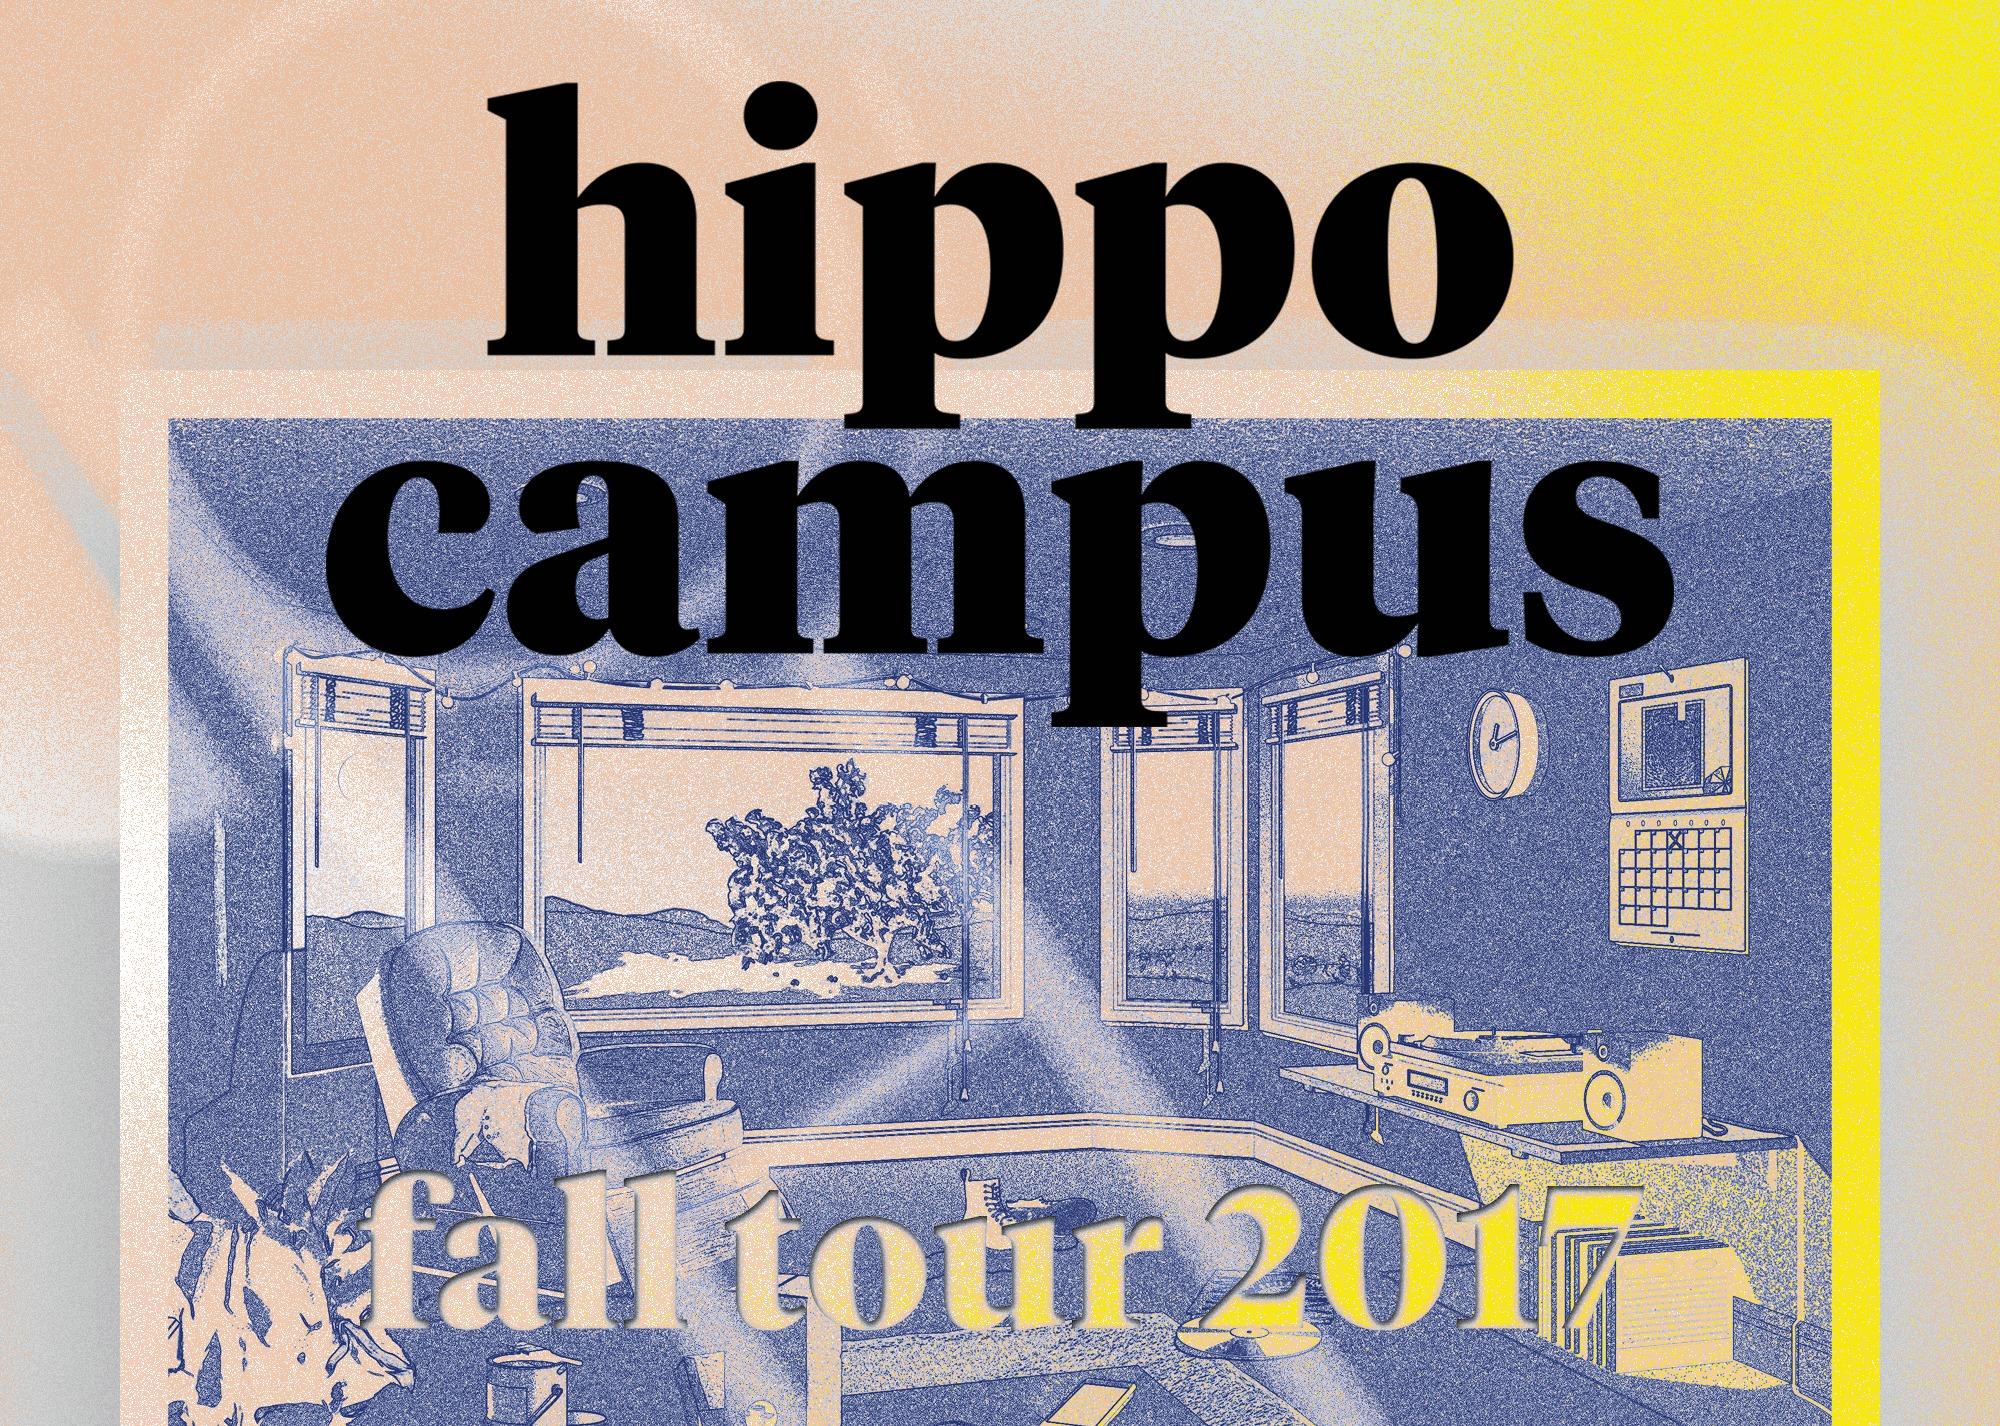 Hippo Campus